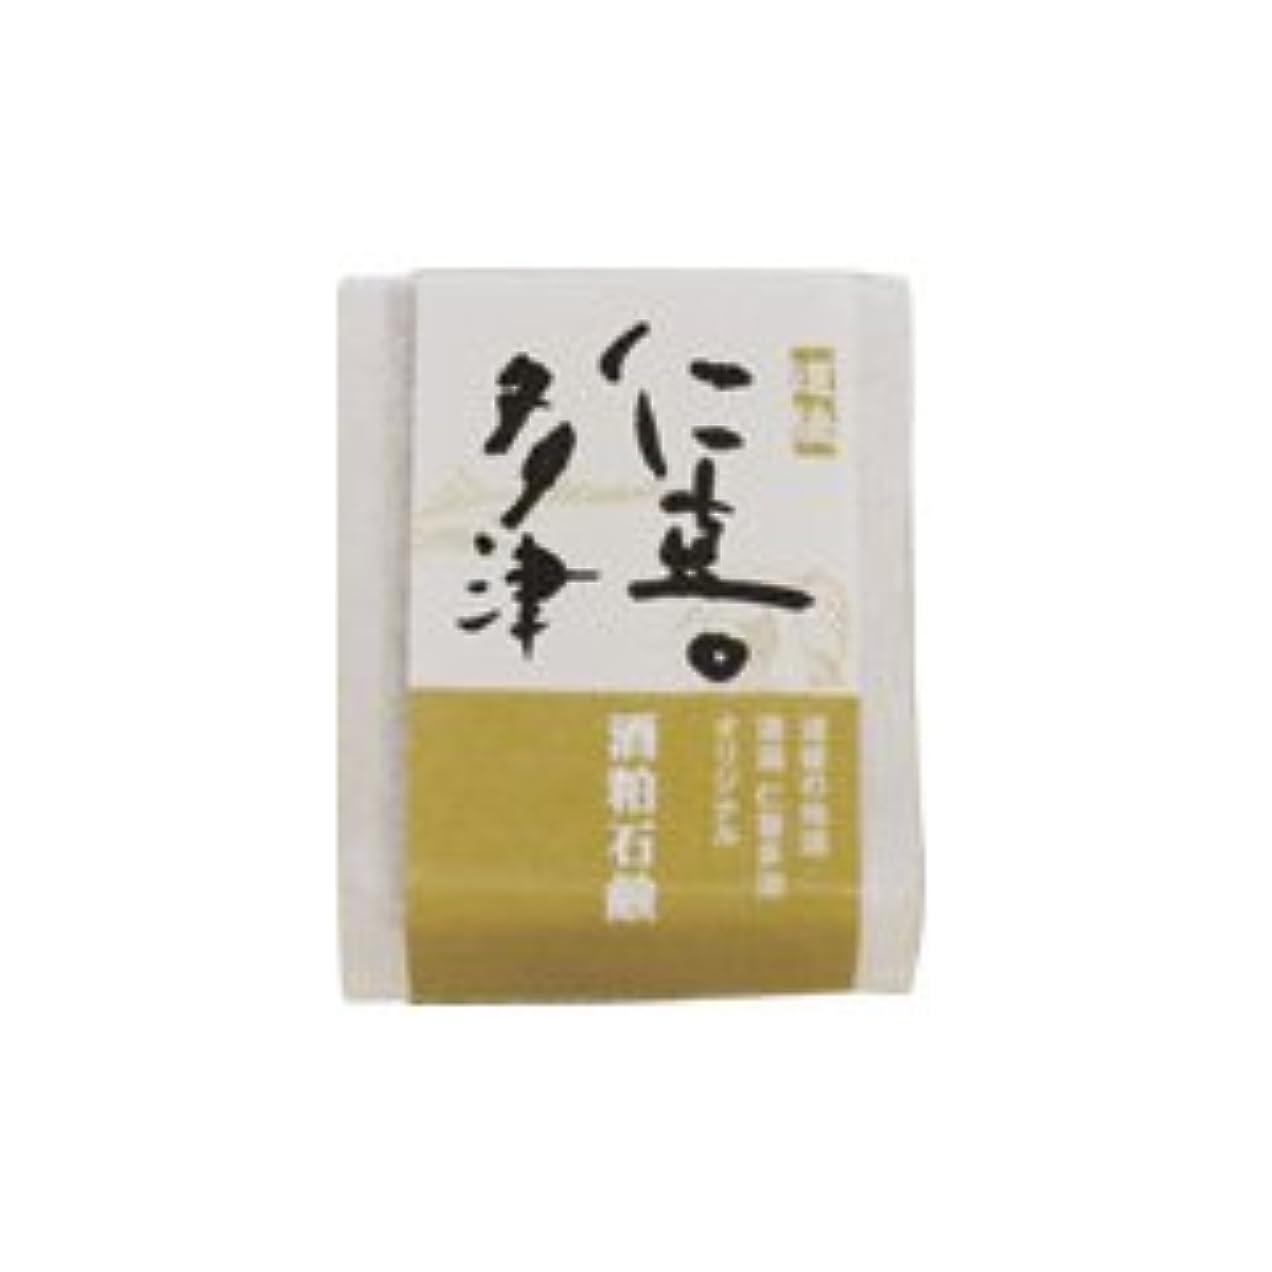 オデュッセウス物理的なポップ仁喜多津 オリジナル 酒粕石鹸 60g